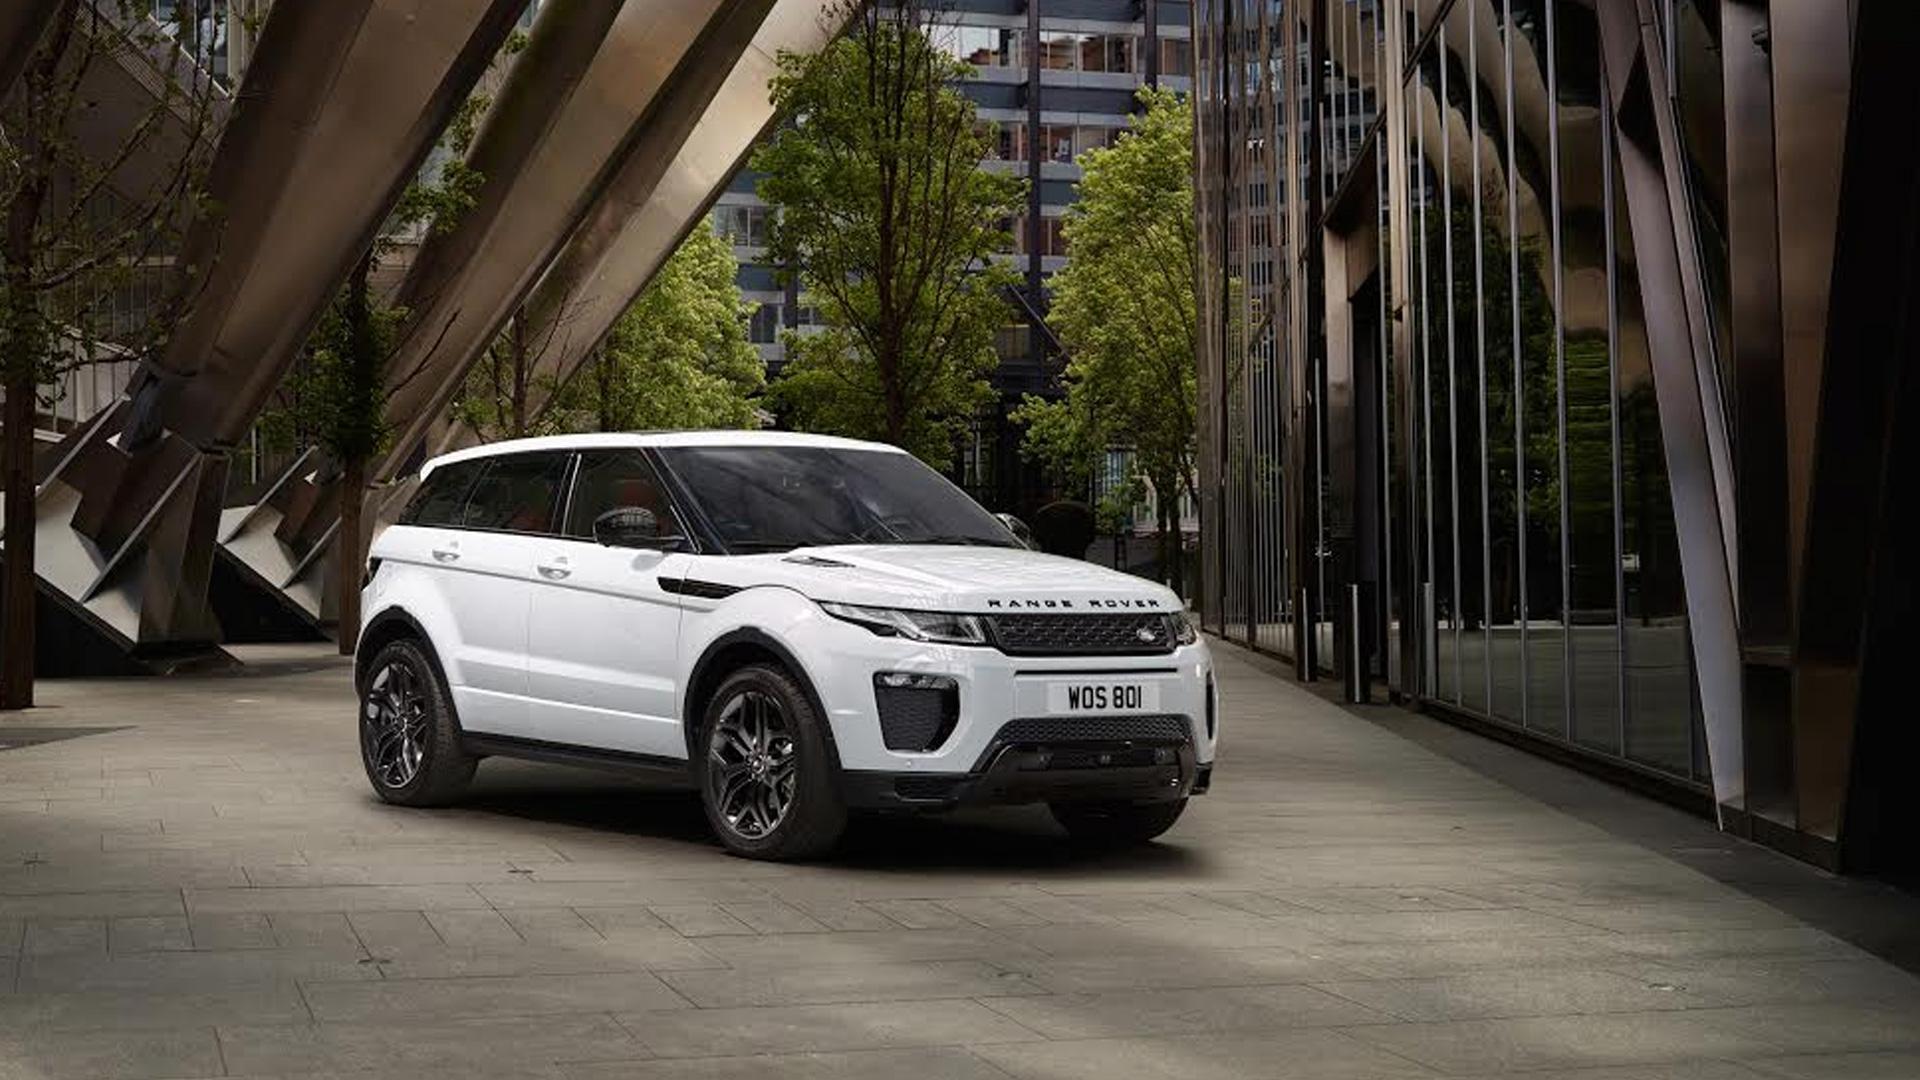 Land Rover Range Rover Evoque 2020 S Diesel